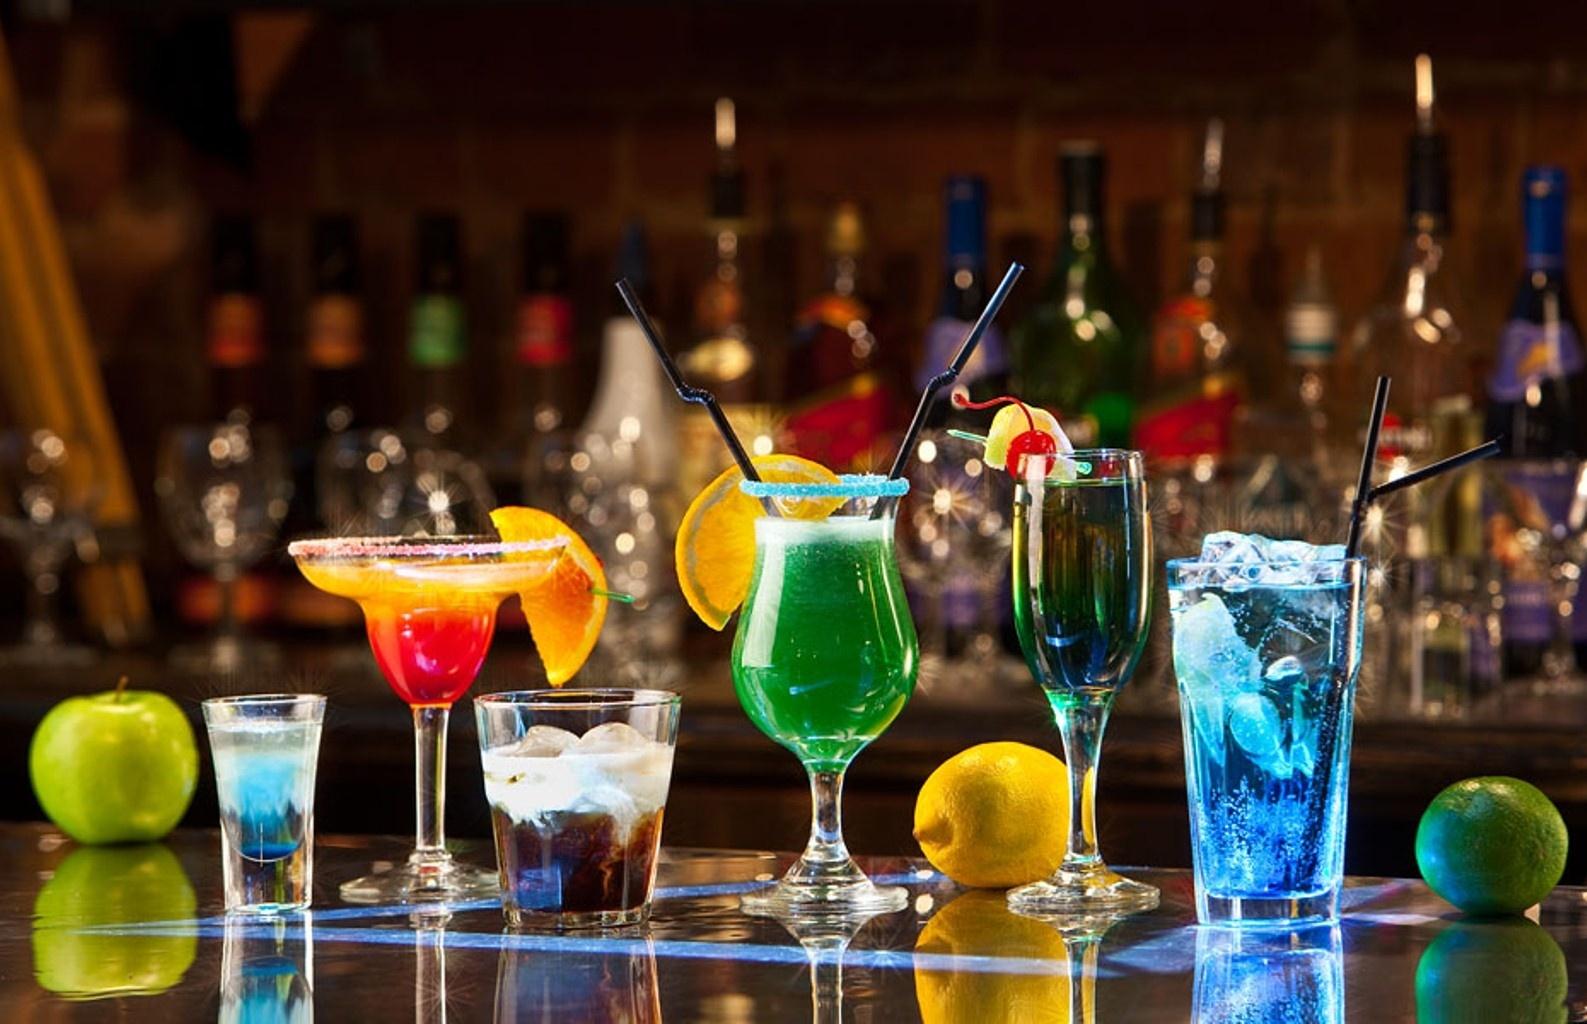 рецепты алкогольный коктейлей на основе коньяка и водки